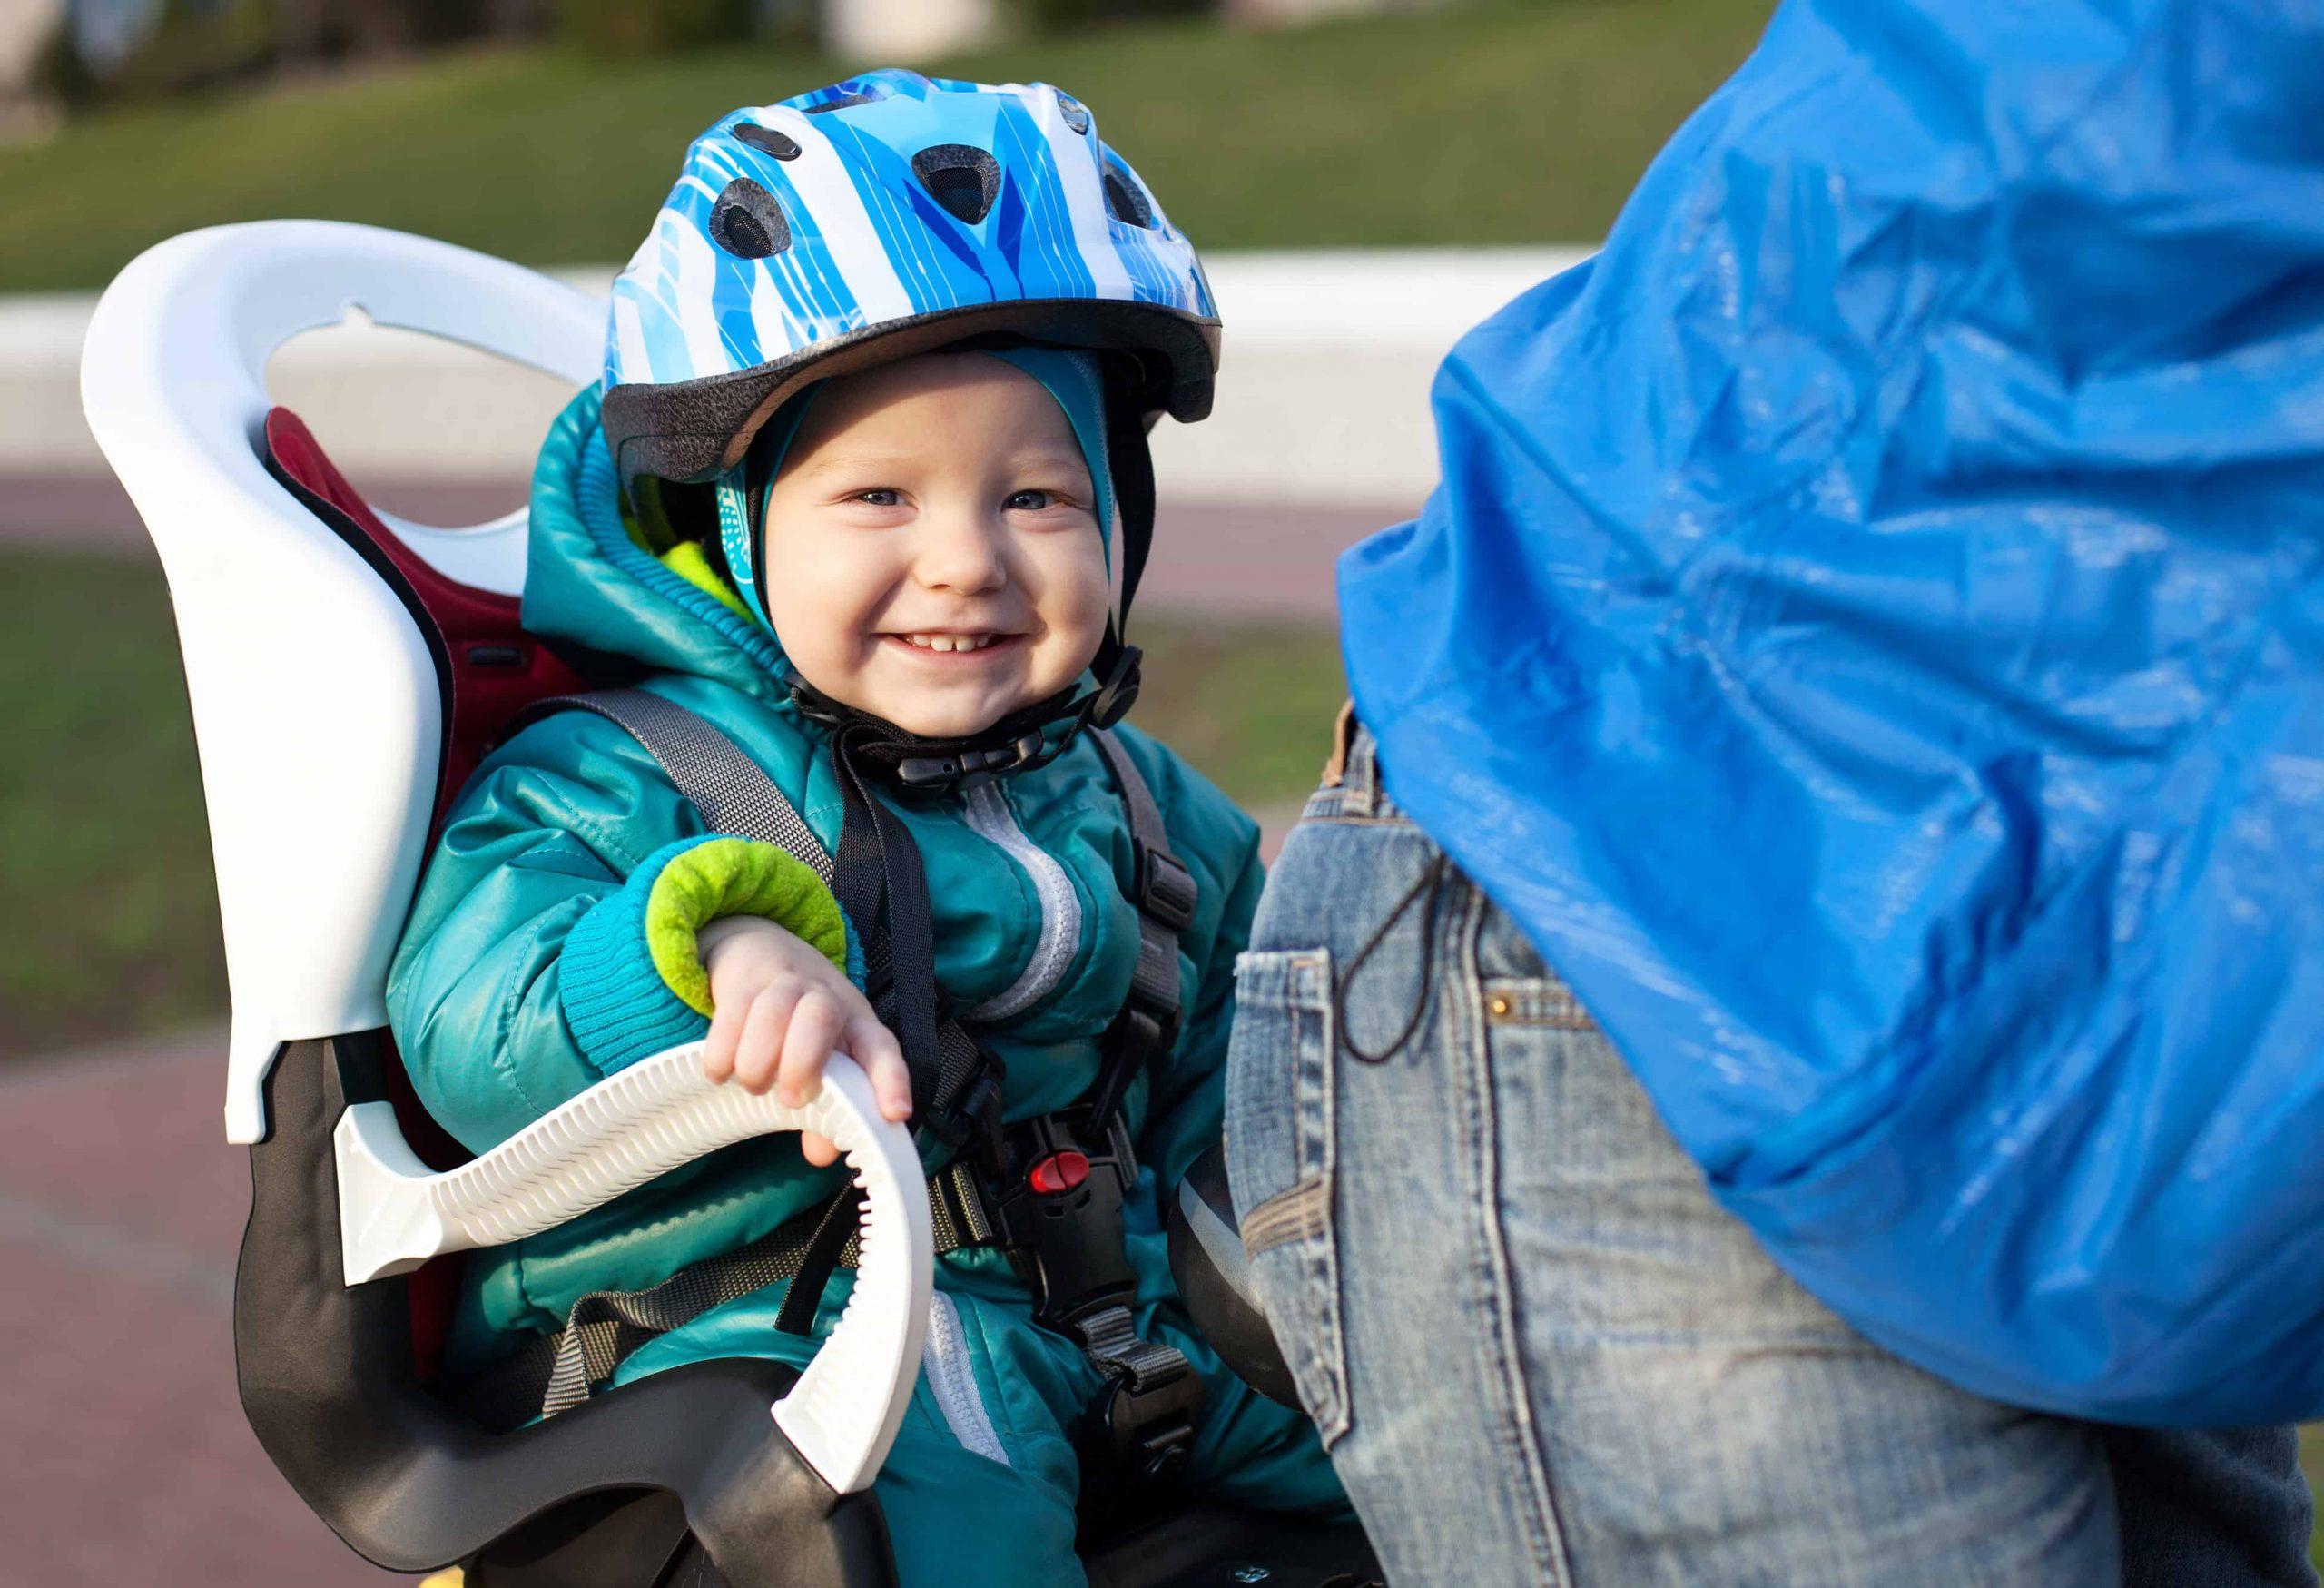 Miglior seggiolino bicicletta 2020: Guida all'acquisto